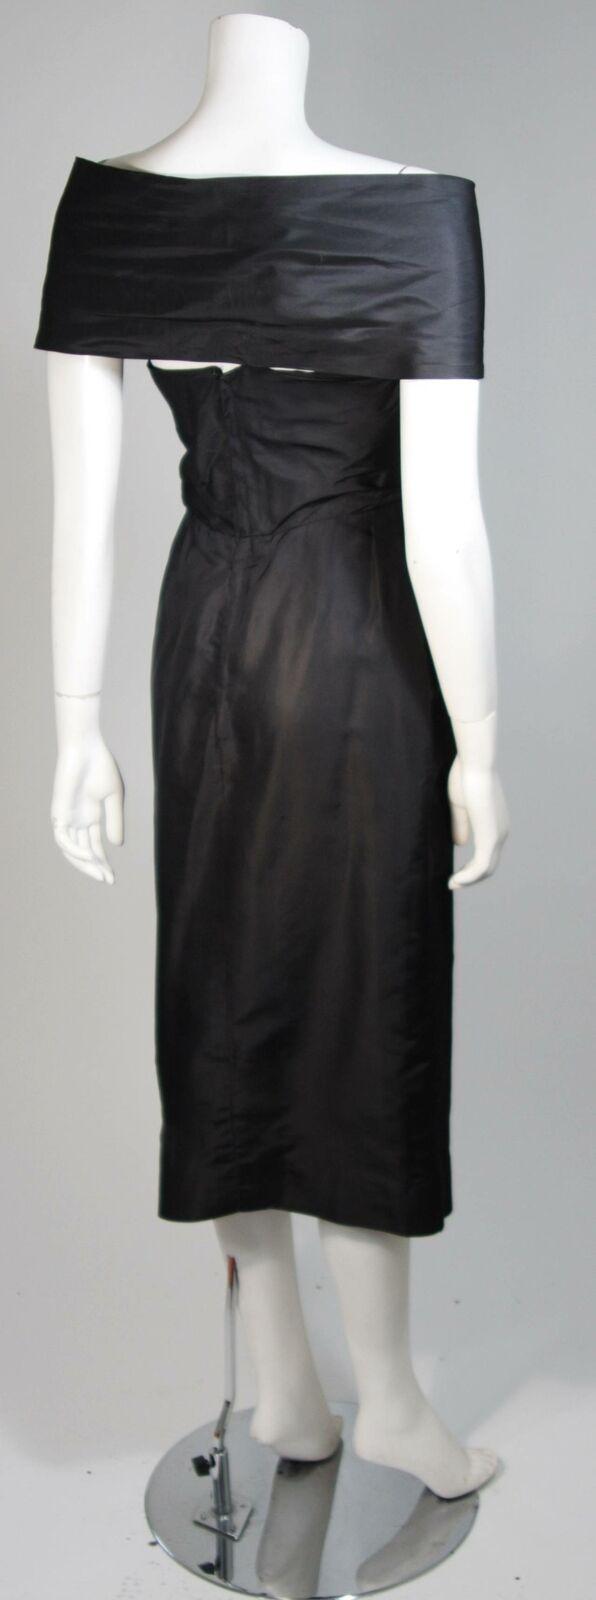 CEIL CHAPMAN  Black Cocktail Dress with Draped De… - image 8